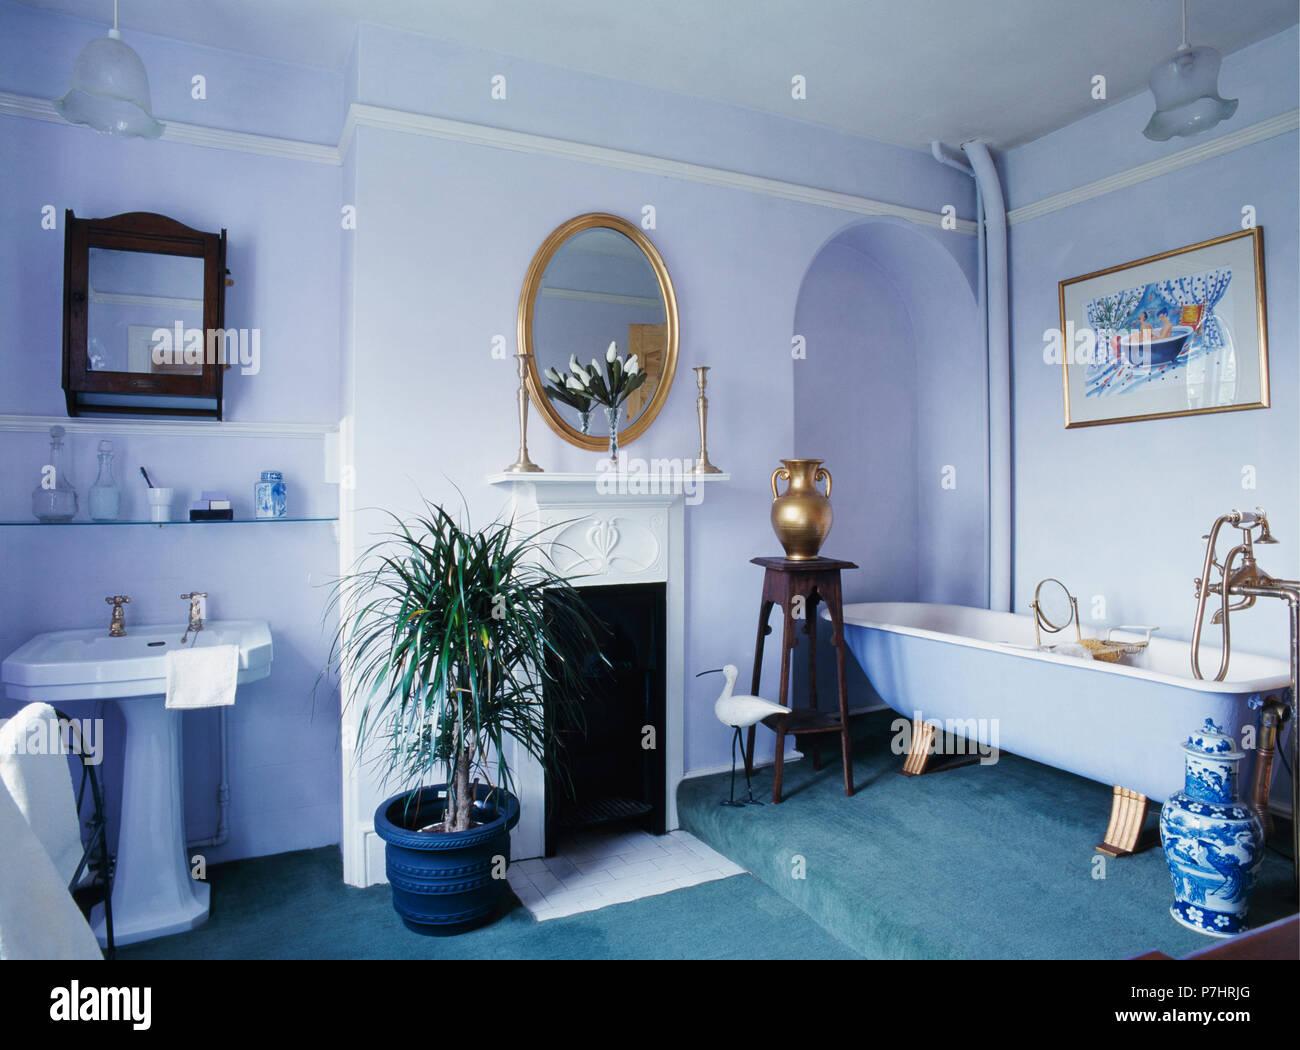 Vasca Da Bagno Dipingere : Verniciare vasca da bagno idee per la casa douglasfalls